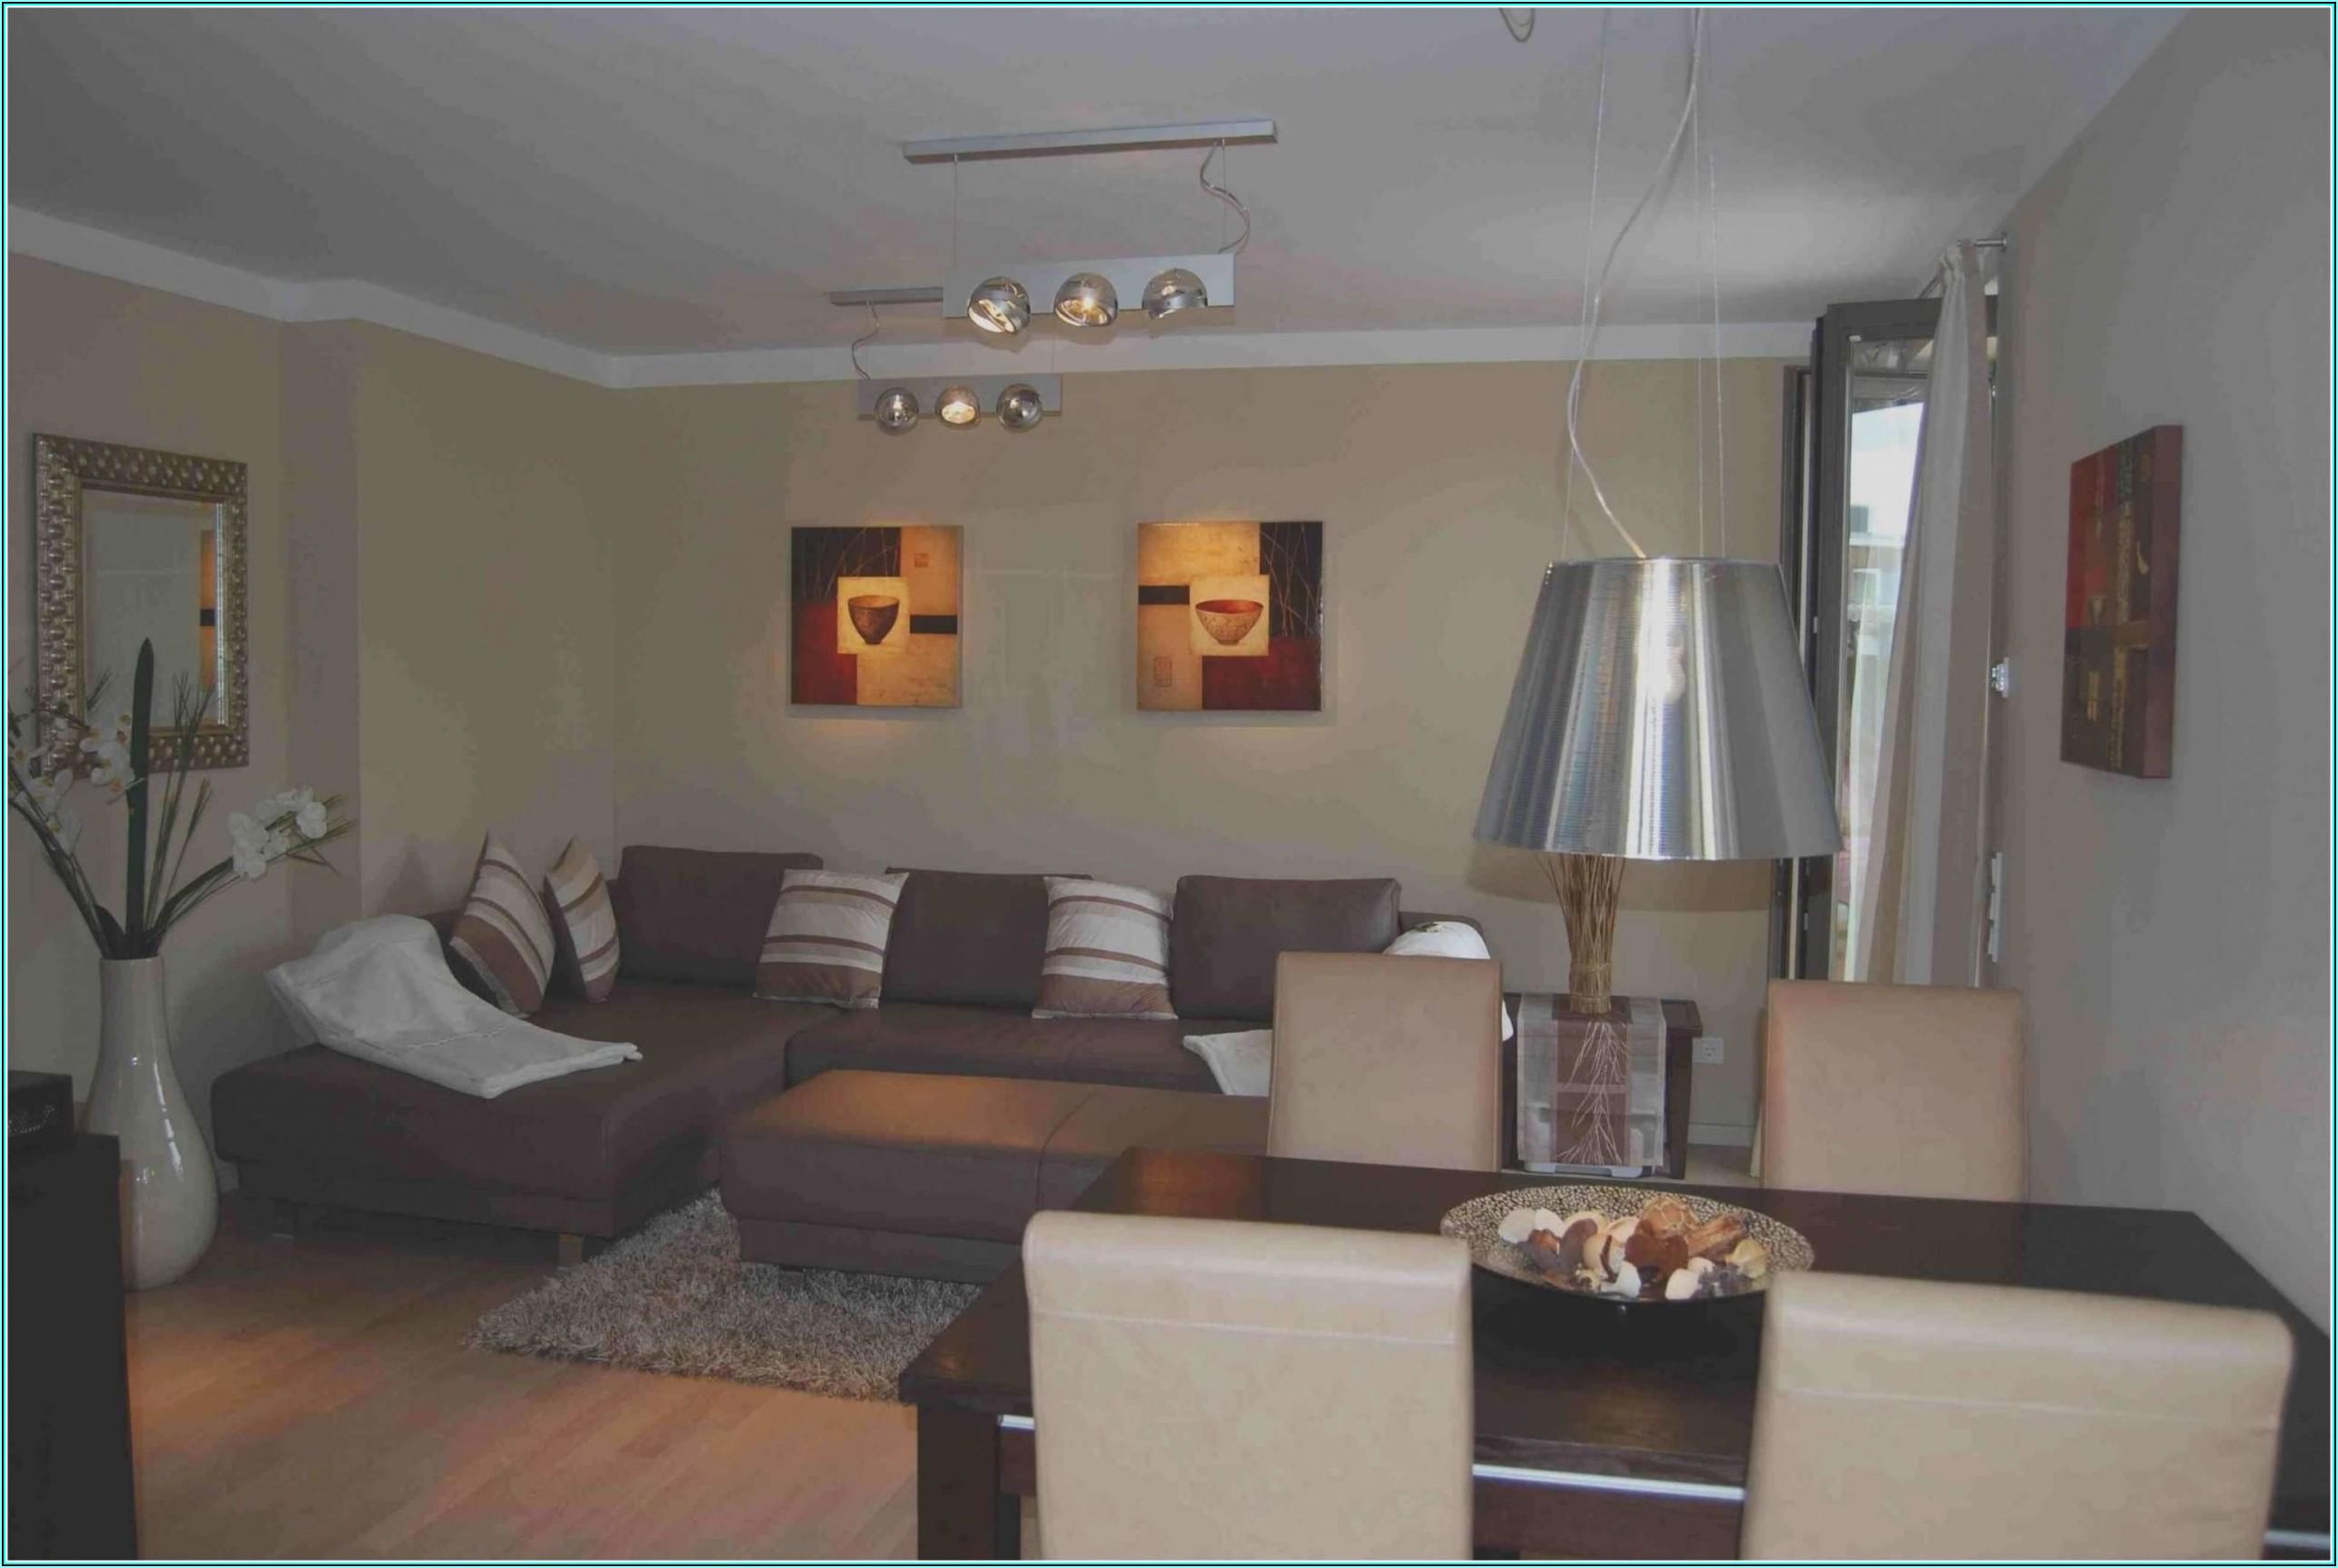 Wohnzimmer Farblich Gestalten Bilder